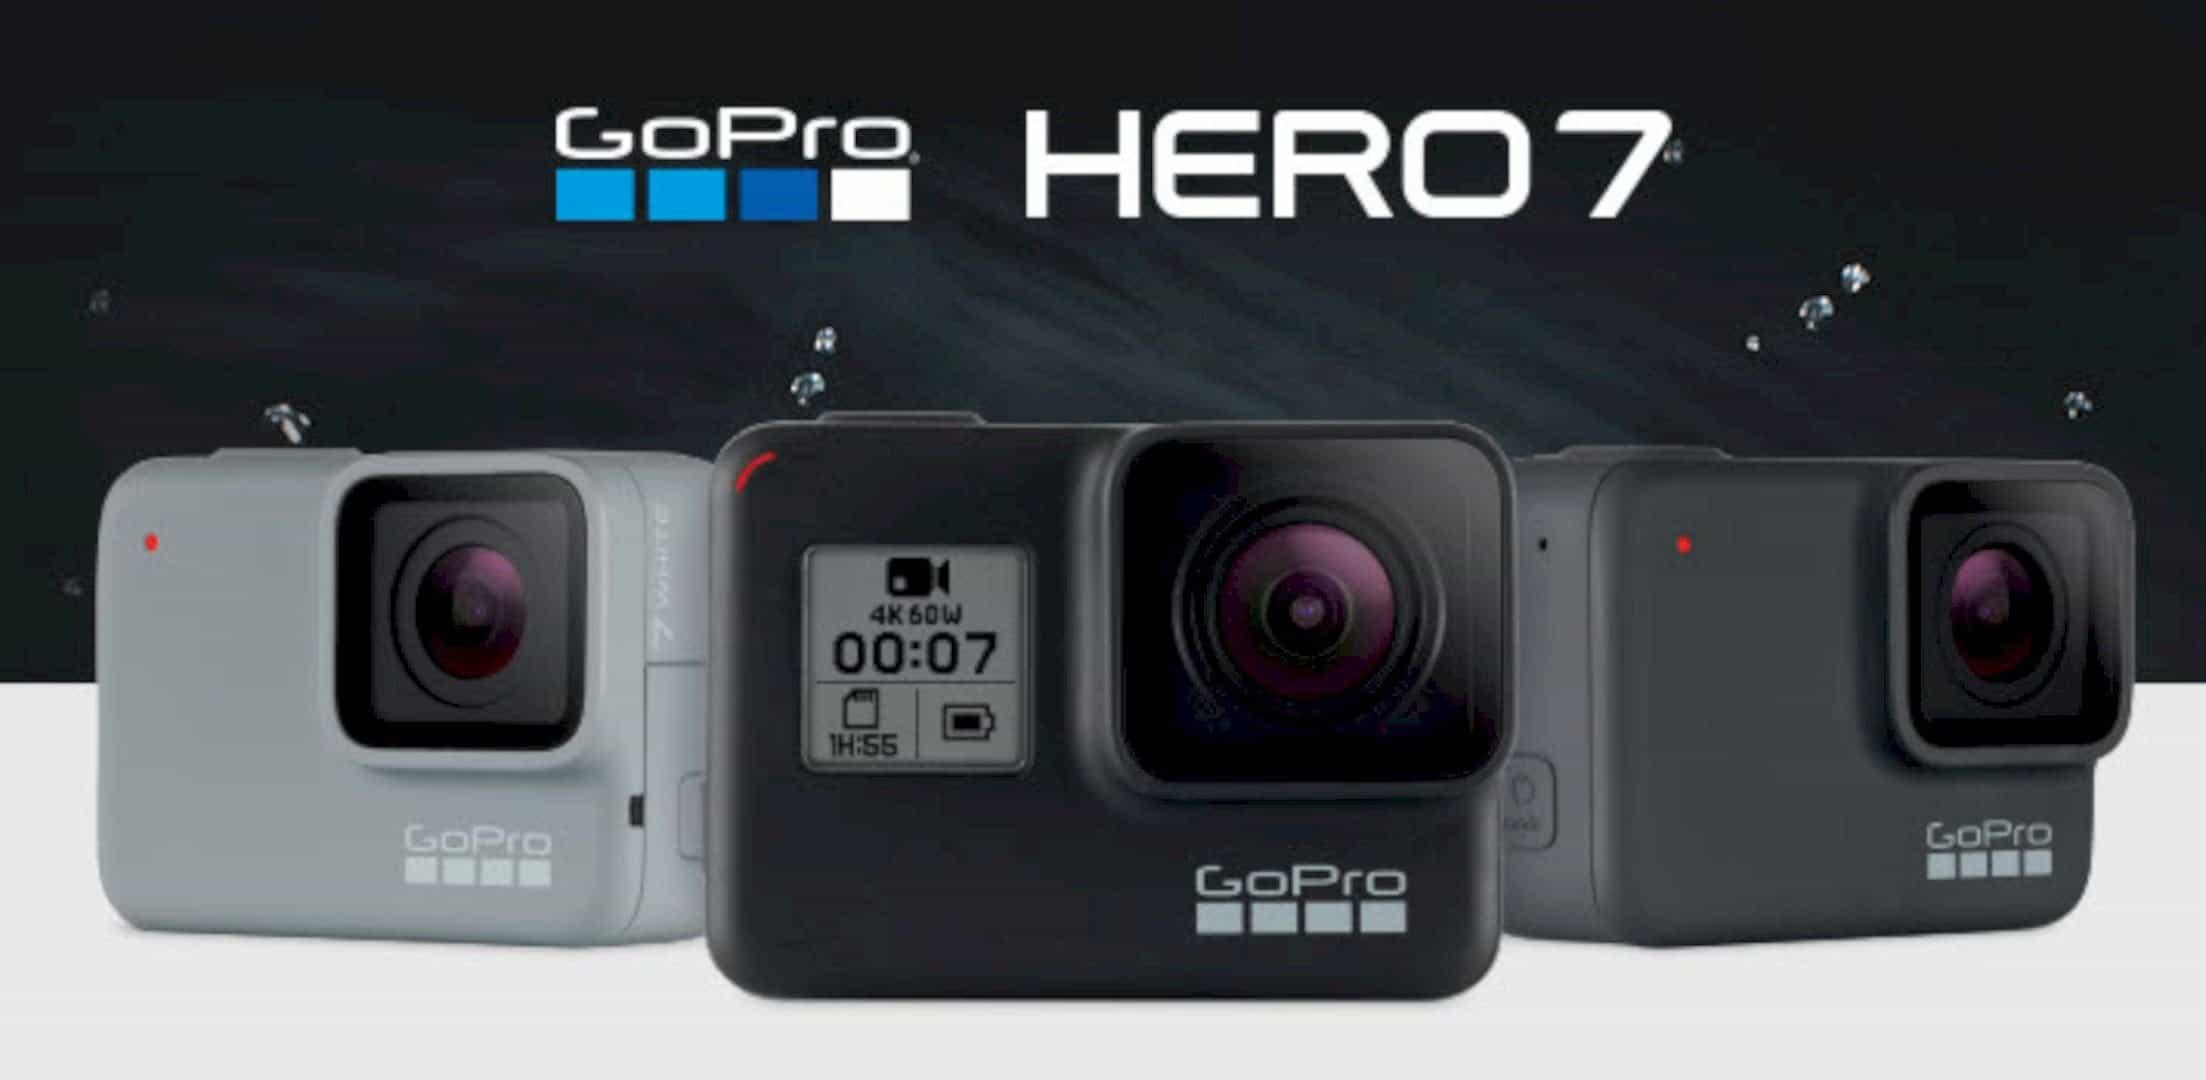 Gopro Hero 7 3